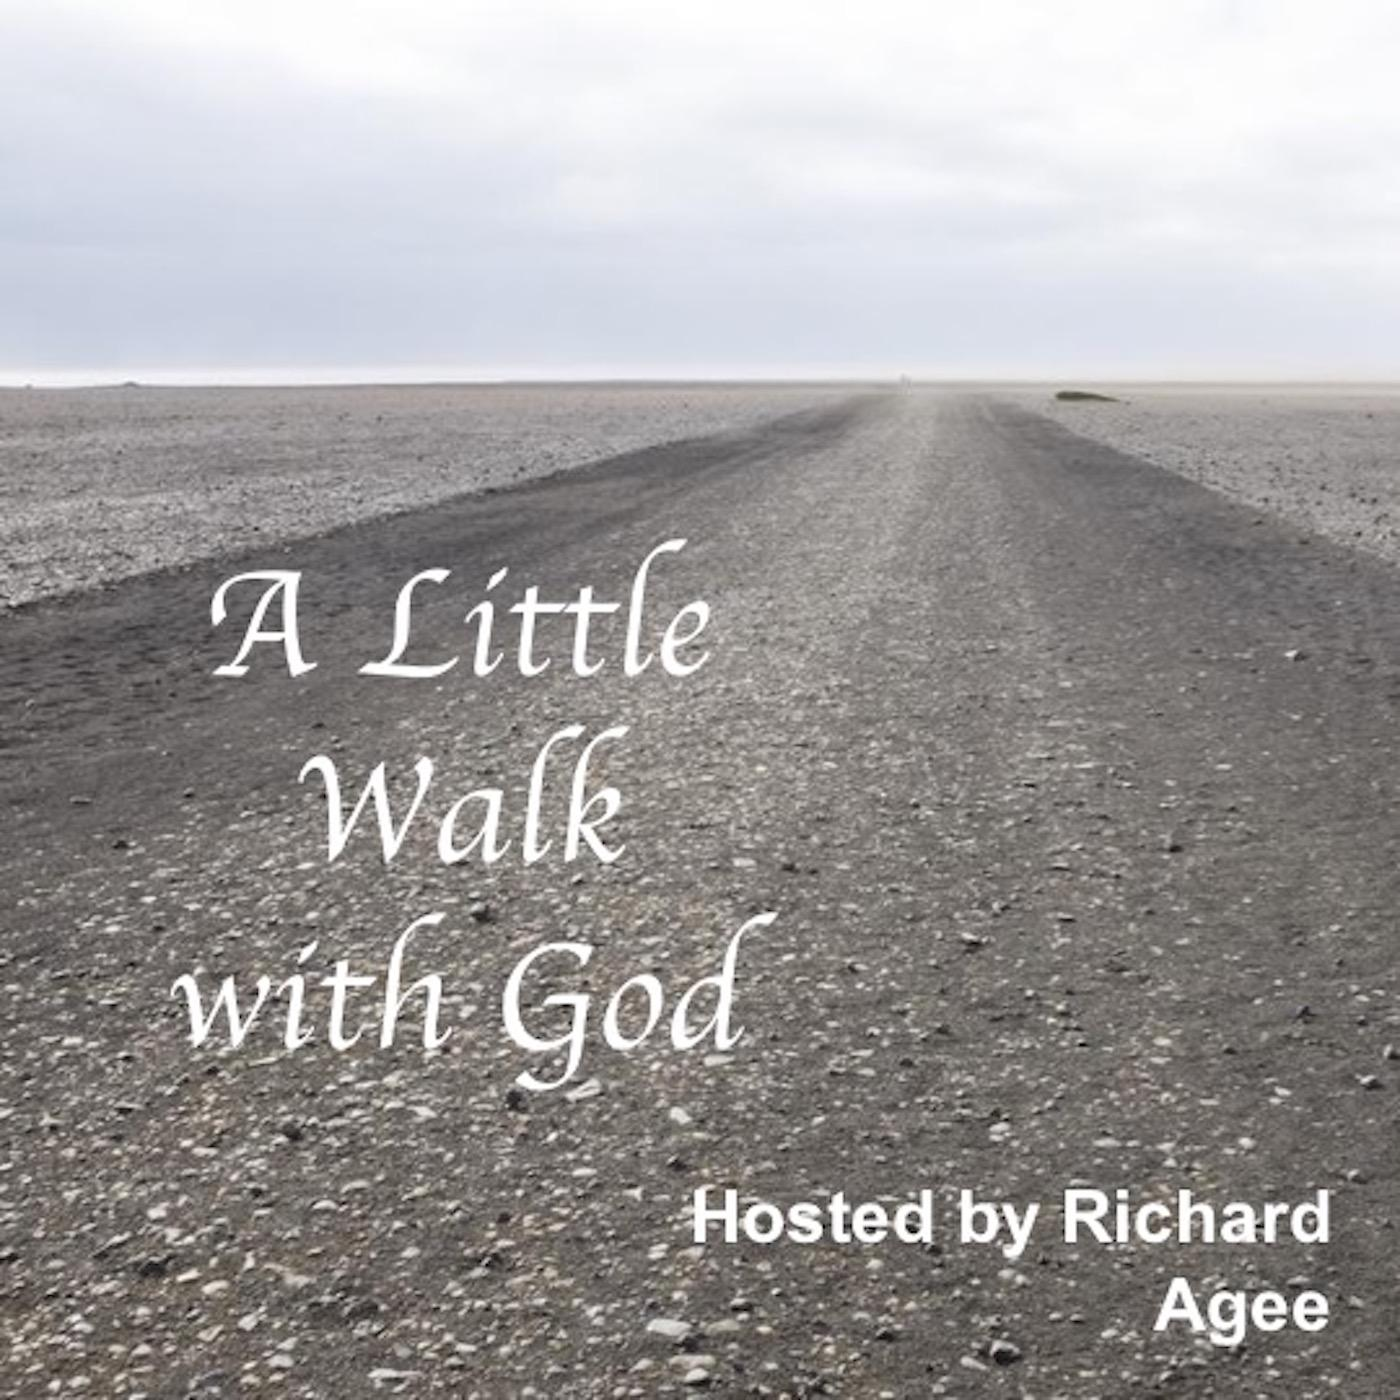 A Little Walk With God show art